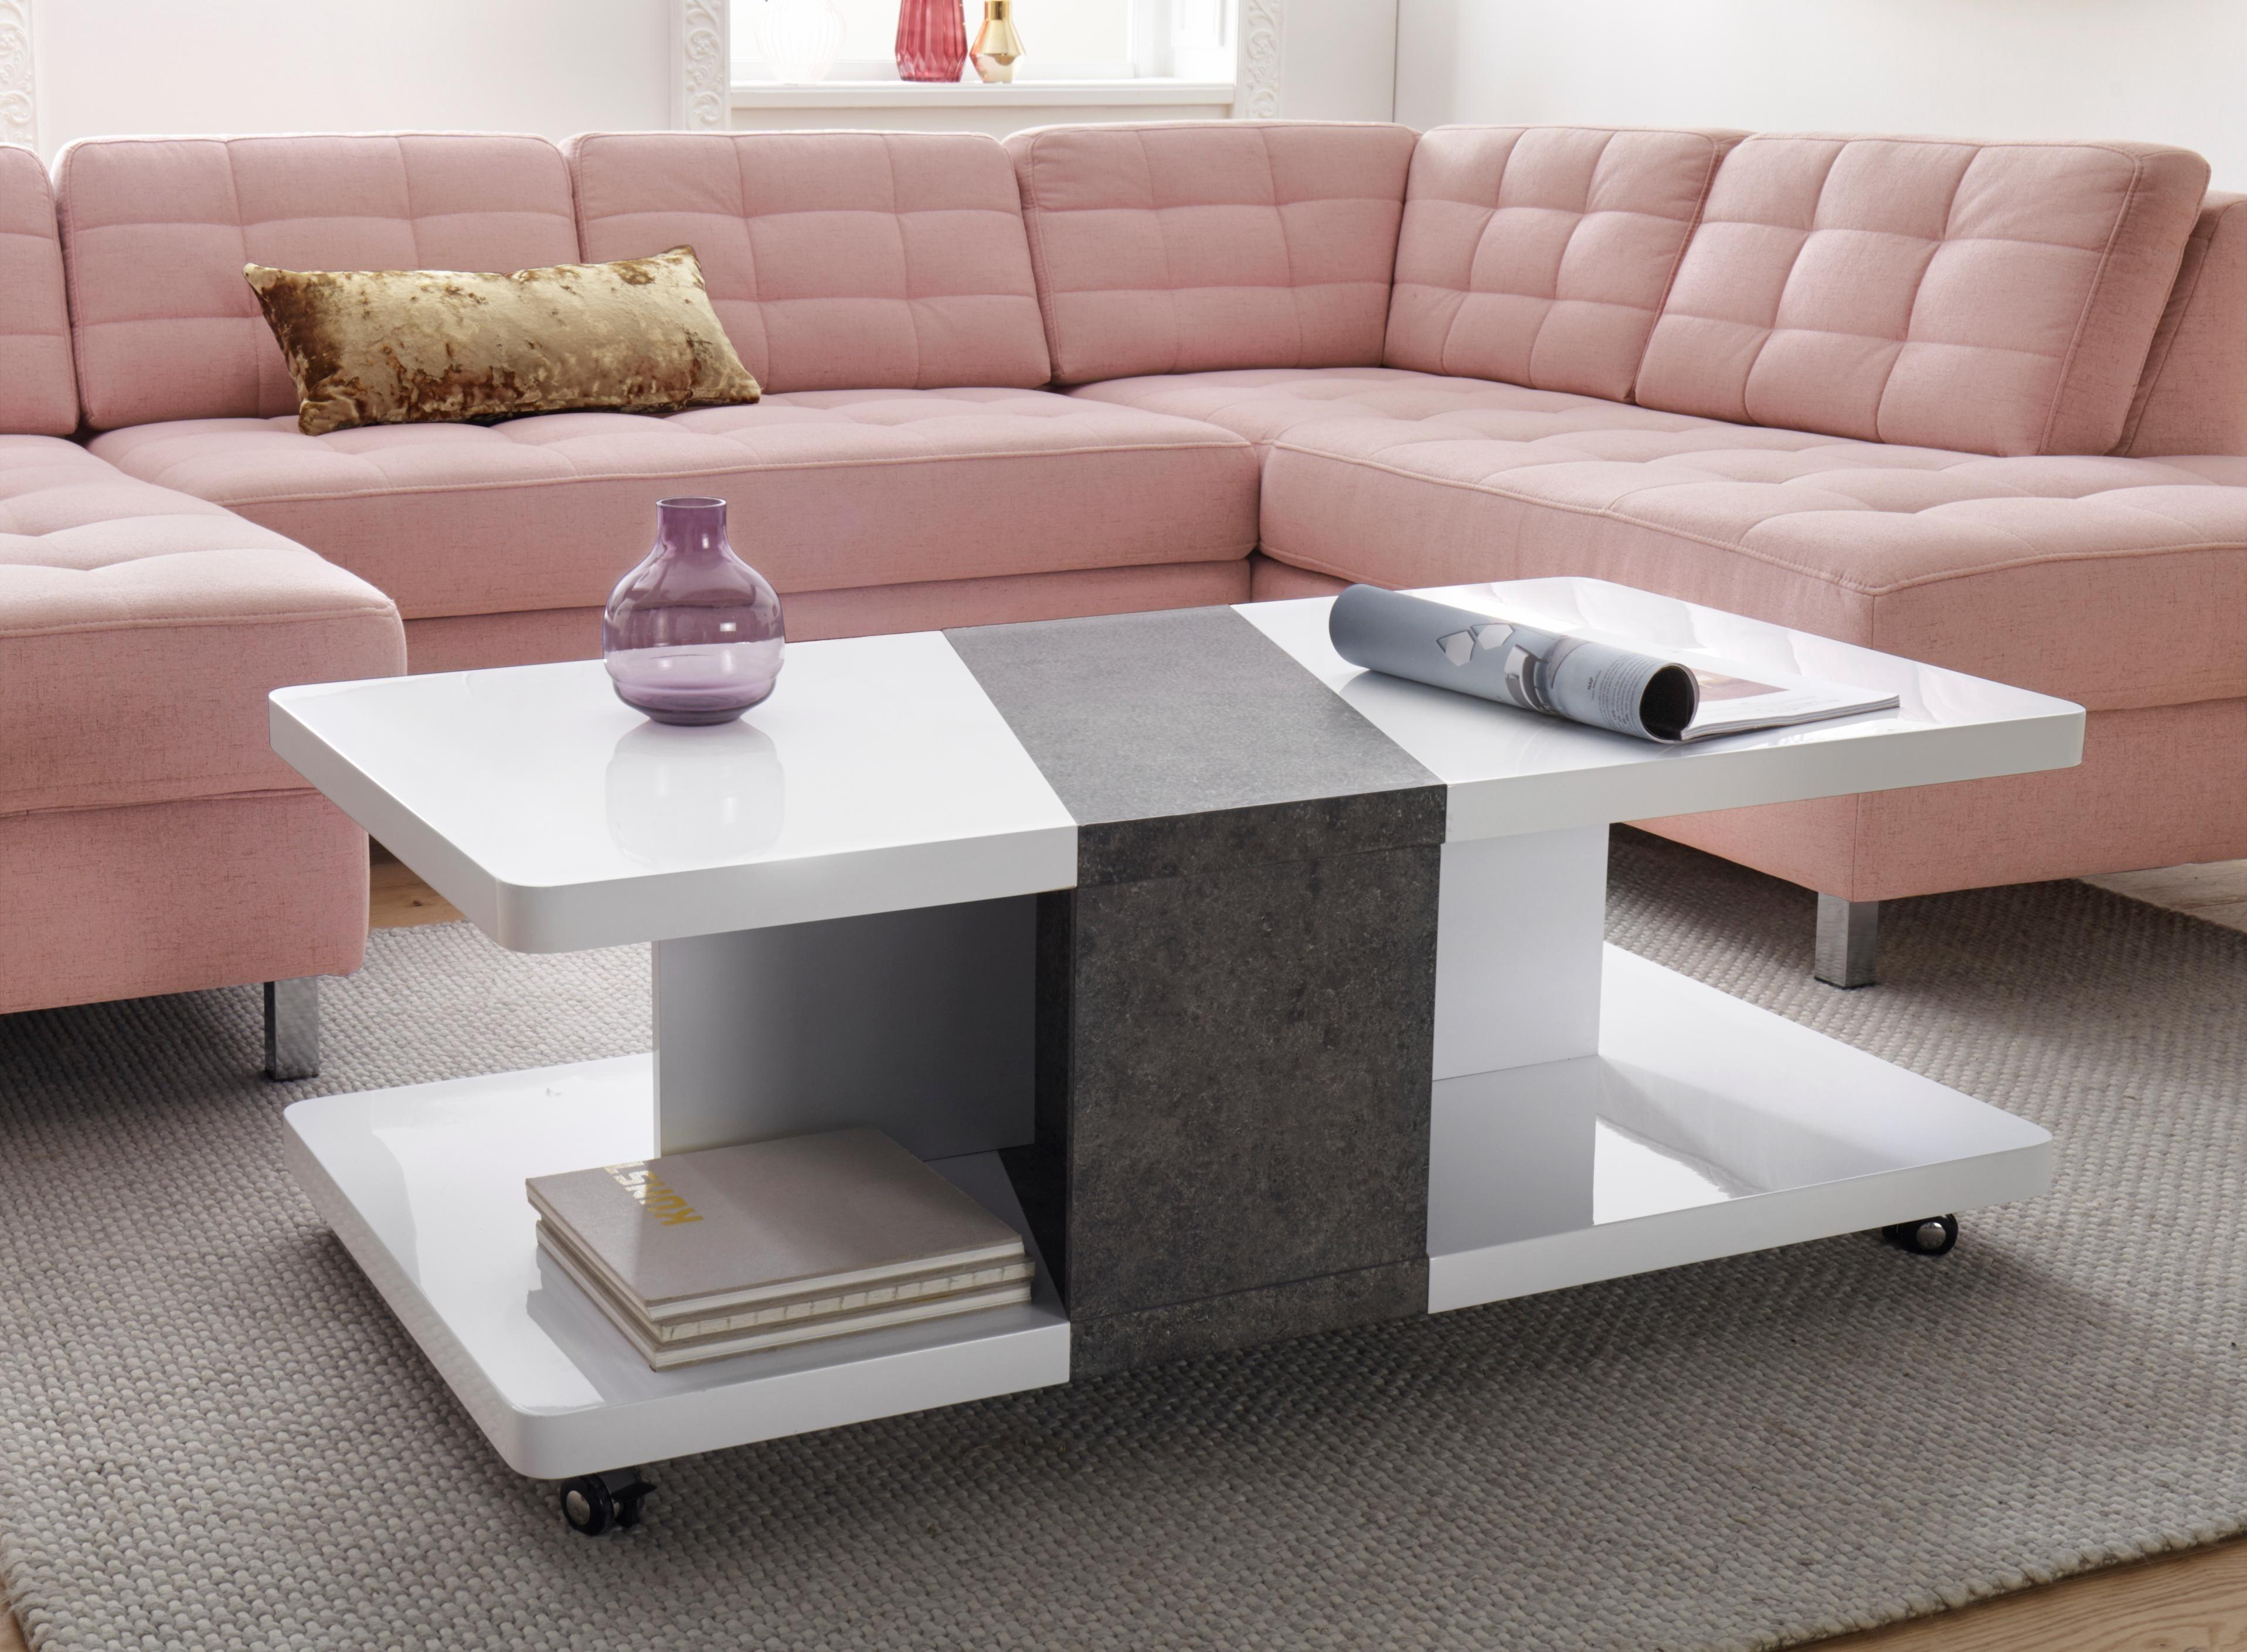 couchtisch mit rollen preisvergleich die besten angebote online kaufen. Black Bedroom Furniture Sets. Home Design Ideas